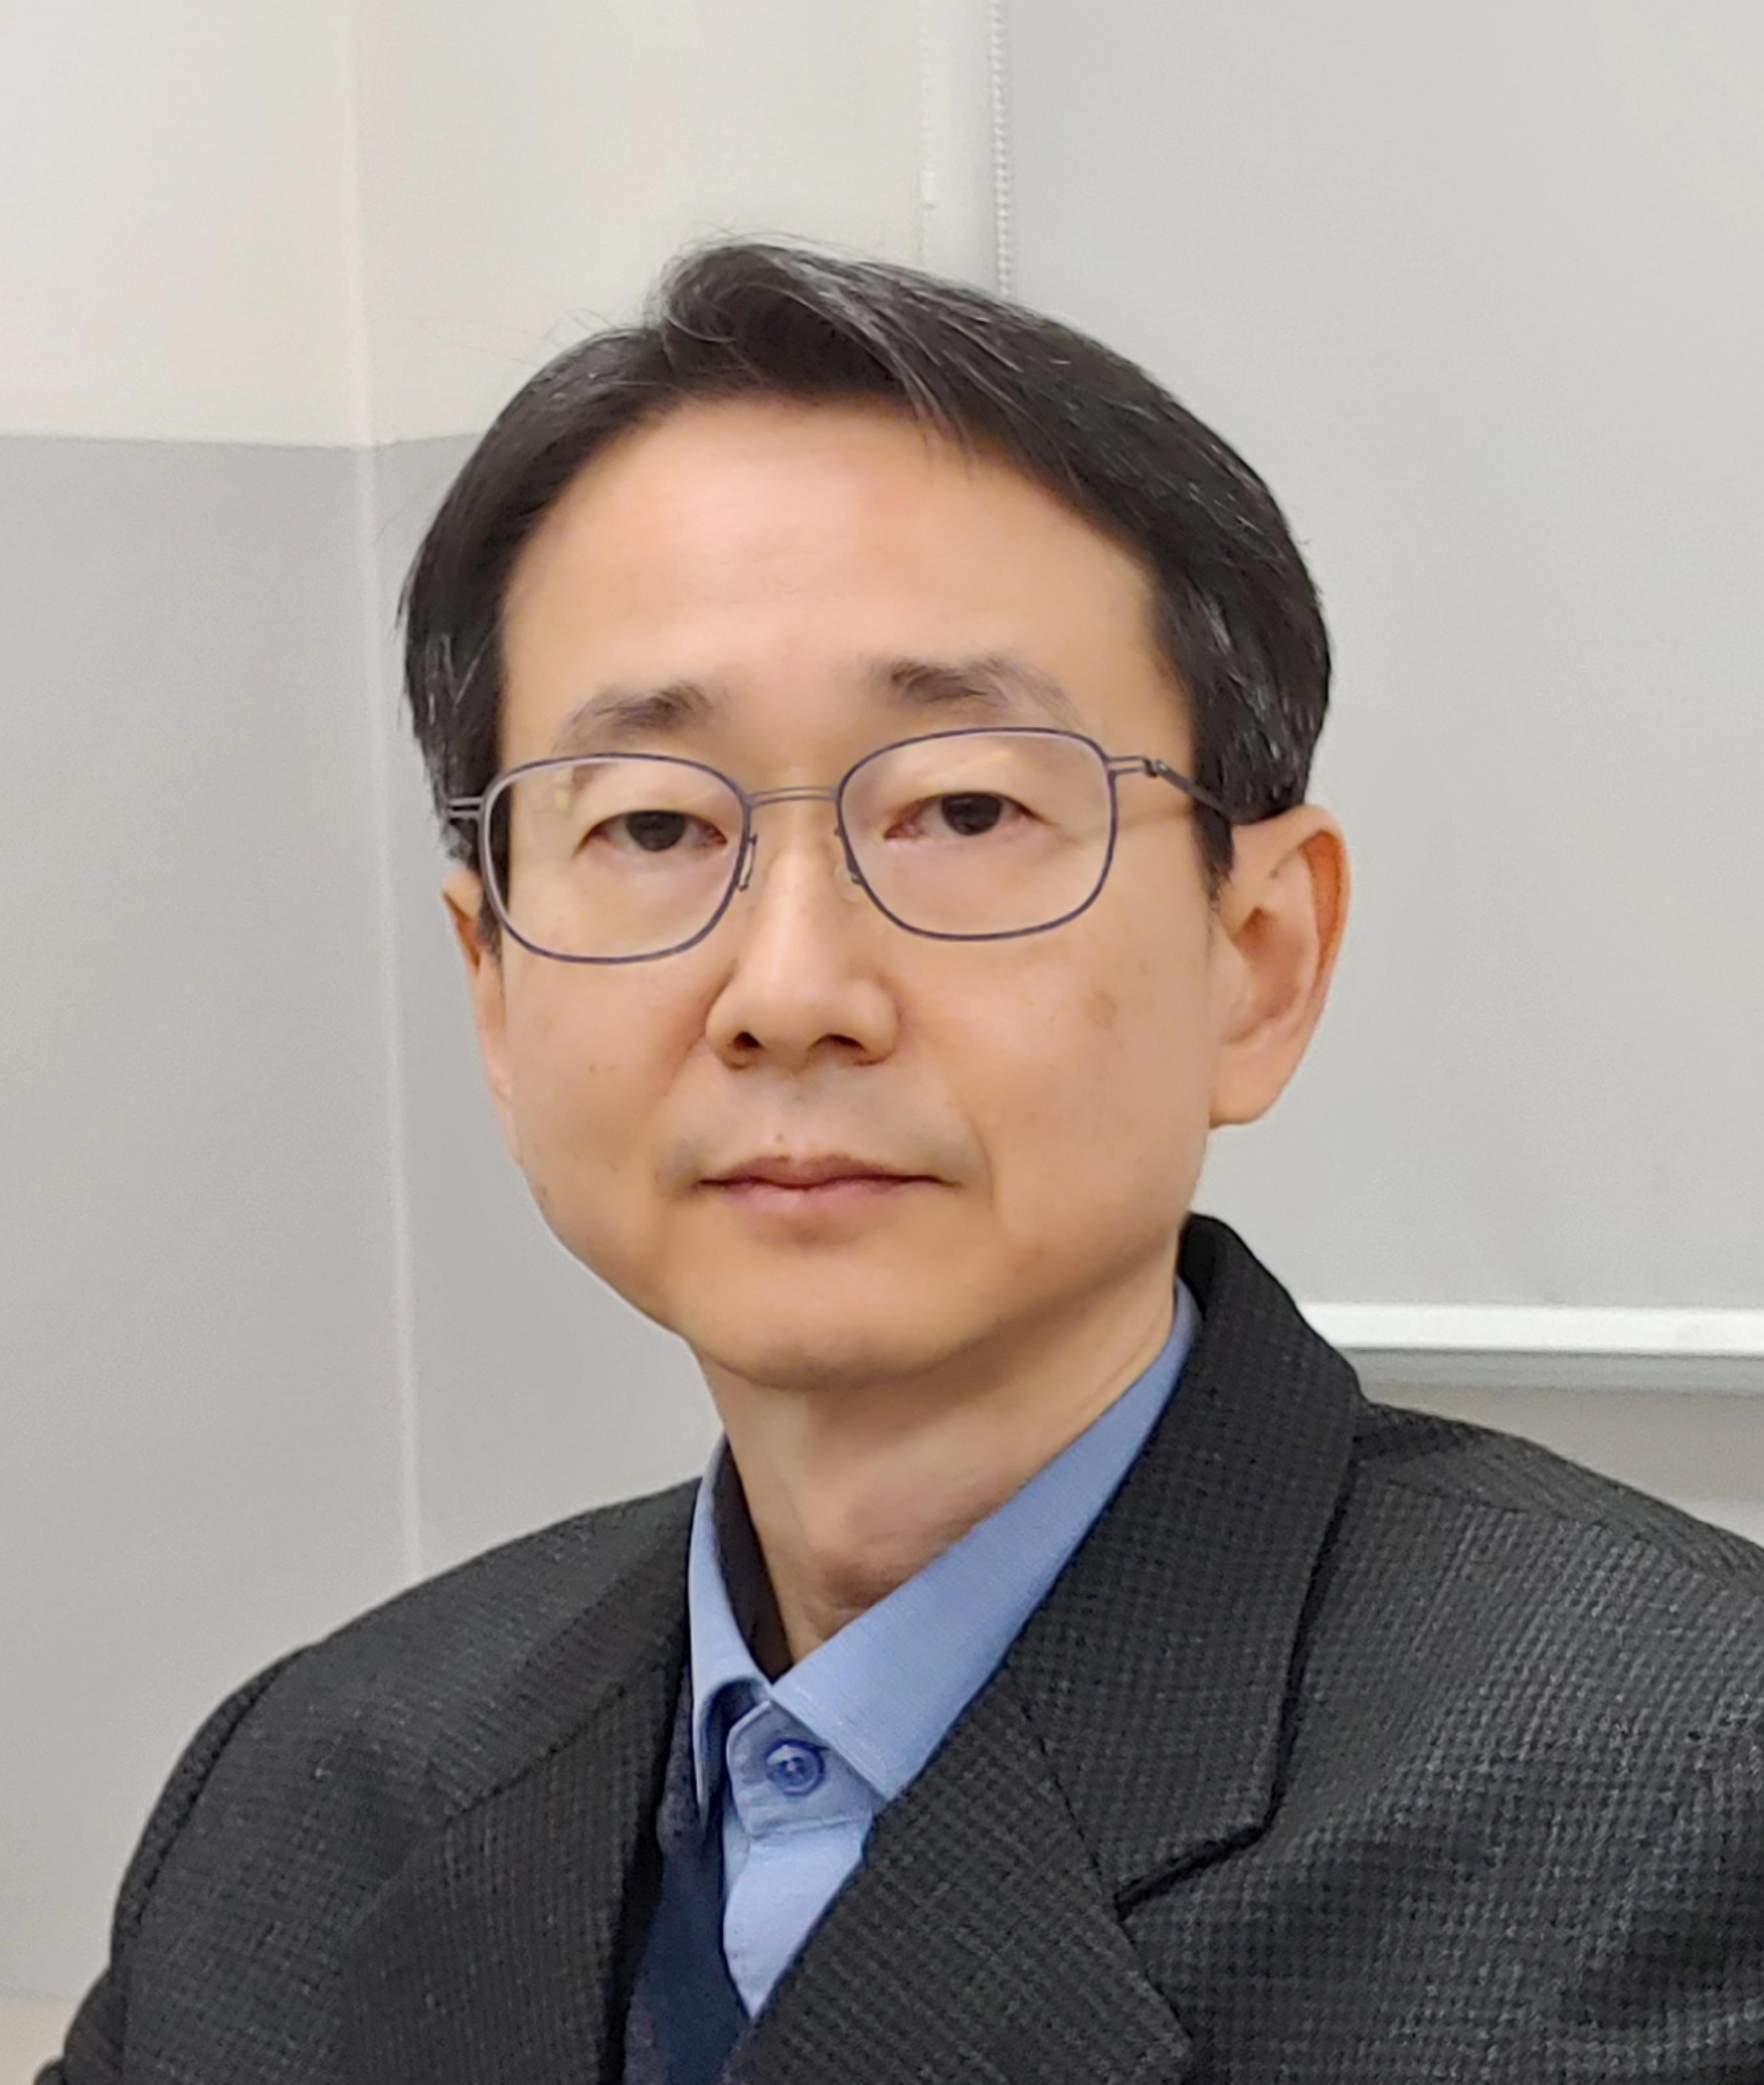 안태원 교수 증명사진